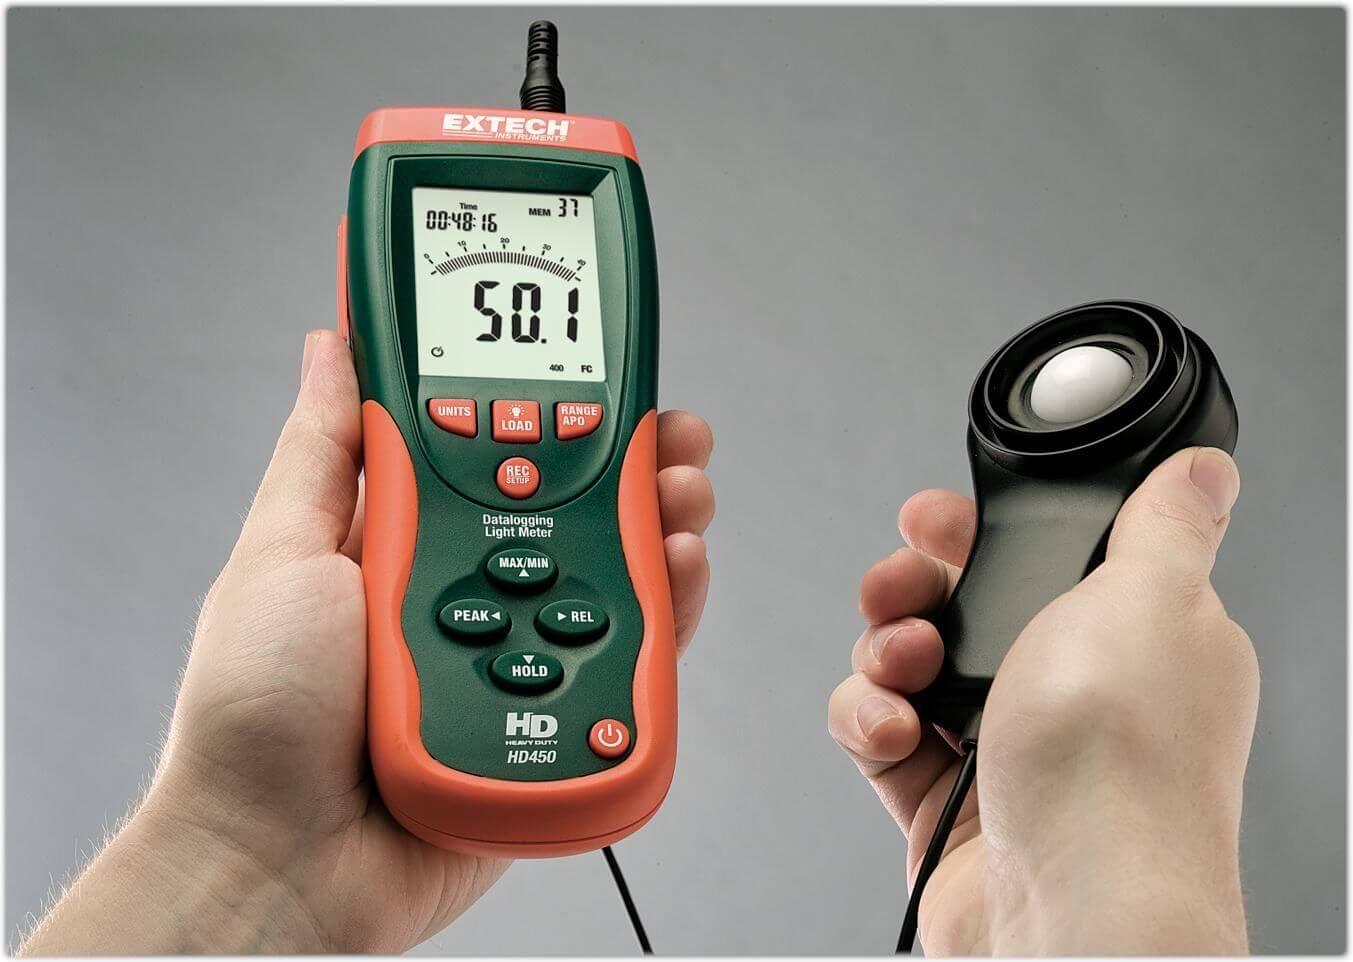 Cách sử dụng máy đo cường độ ánh sáng